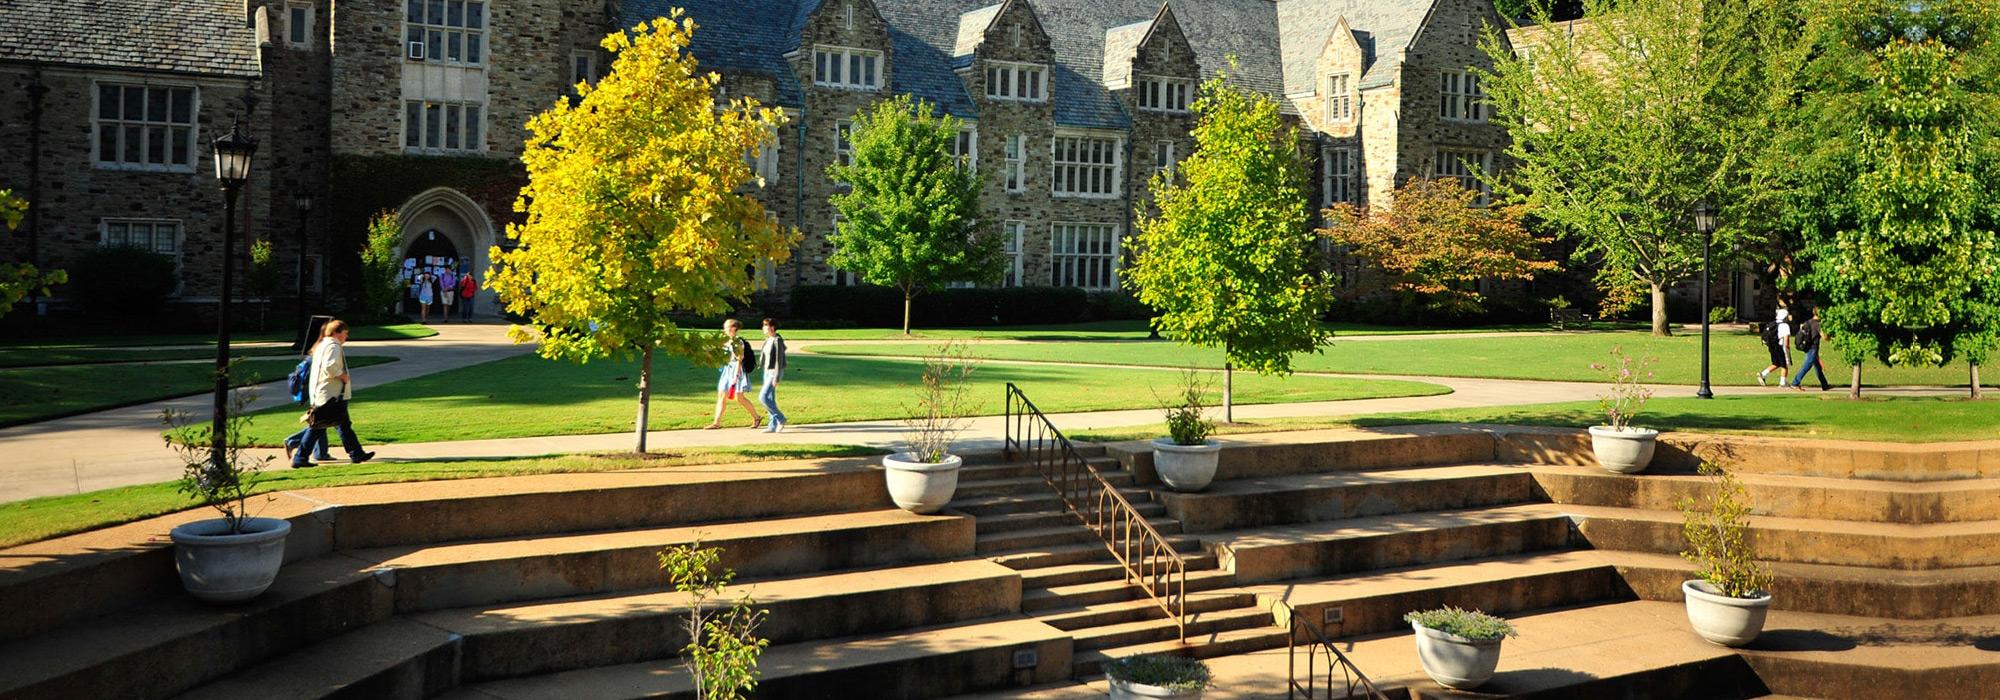 Rhodes College campus